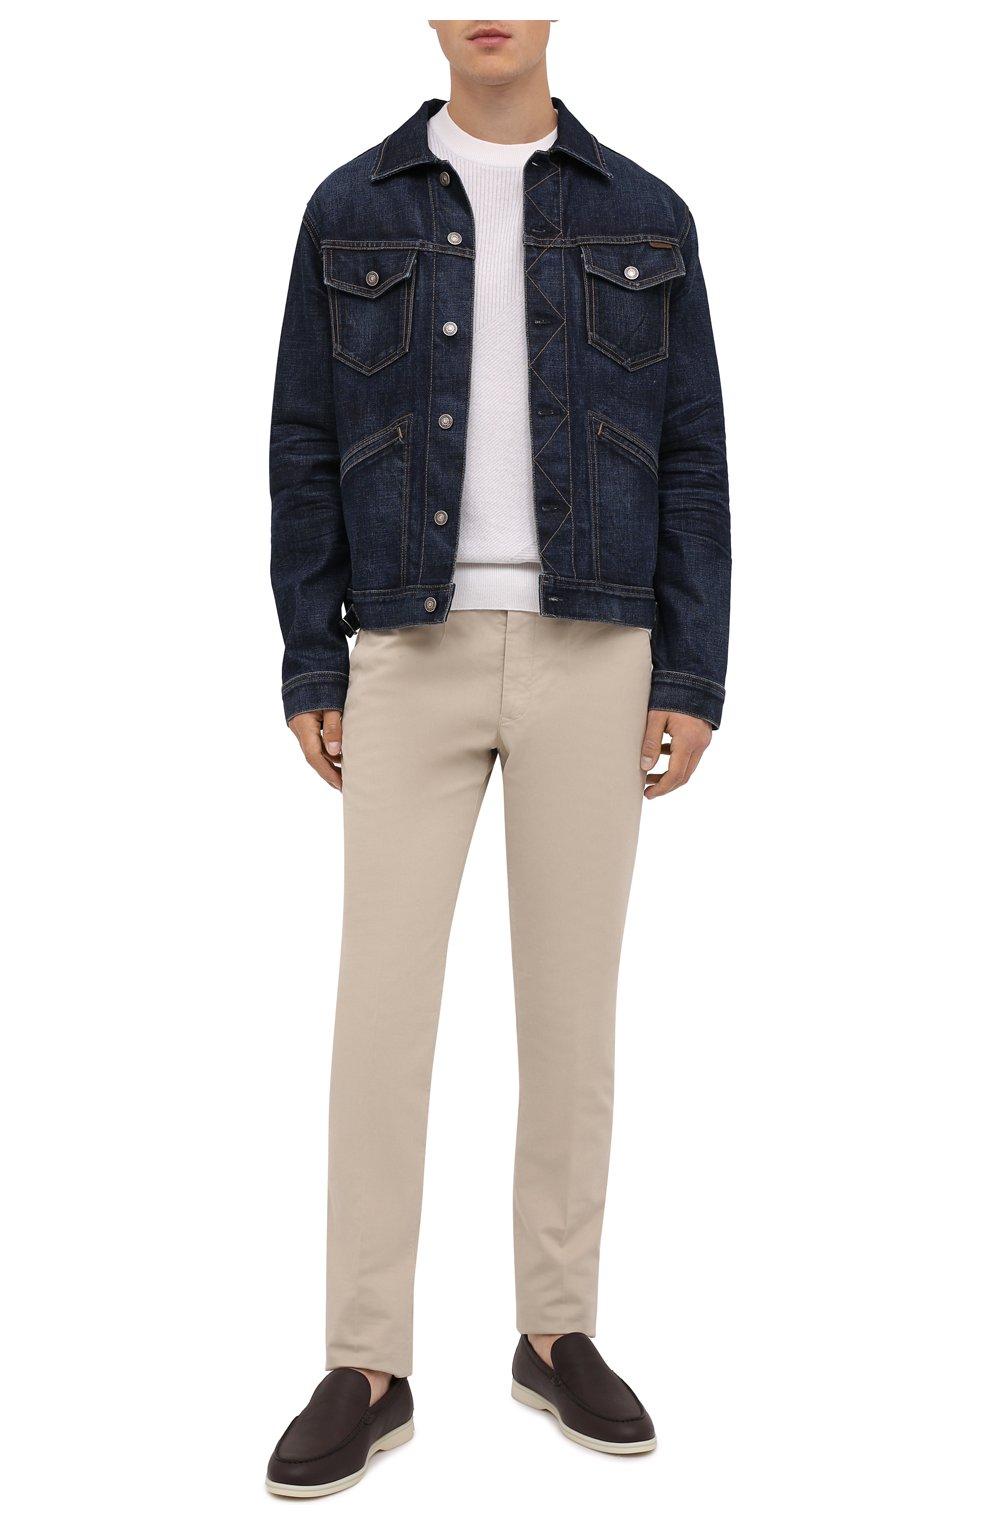 Мужская джинсовая куртка TOM FORD темно-синего цвета, арт. BVJ31/TFD111 | Фото 3 (Кросс-КТ: Куртка; Рукава: Длинные; Материал внешний: Хлопок; Мужское Кросс-КТ: Куртка-верхняя одежда, Верхняя одежда; Длина (верхняя одежда): Короткие; Стили: Кэжуэл)